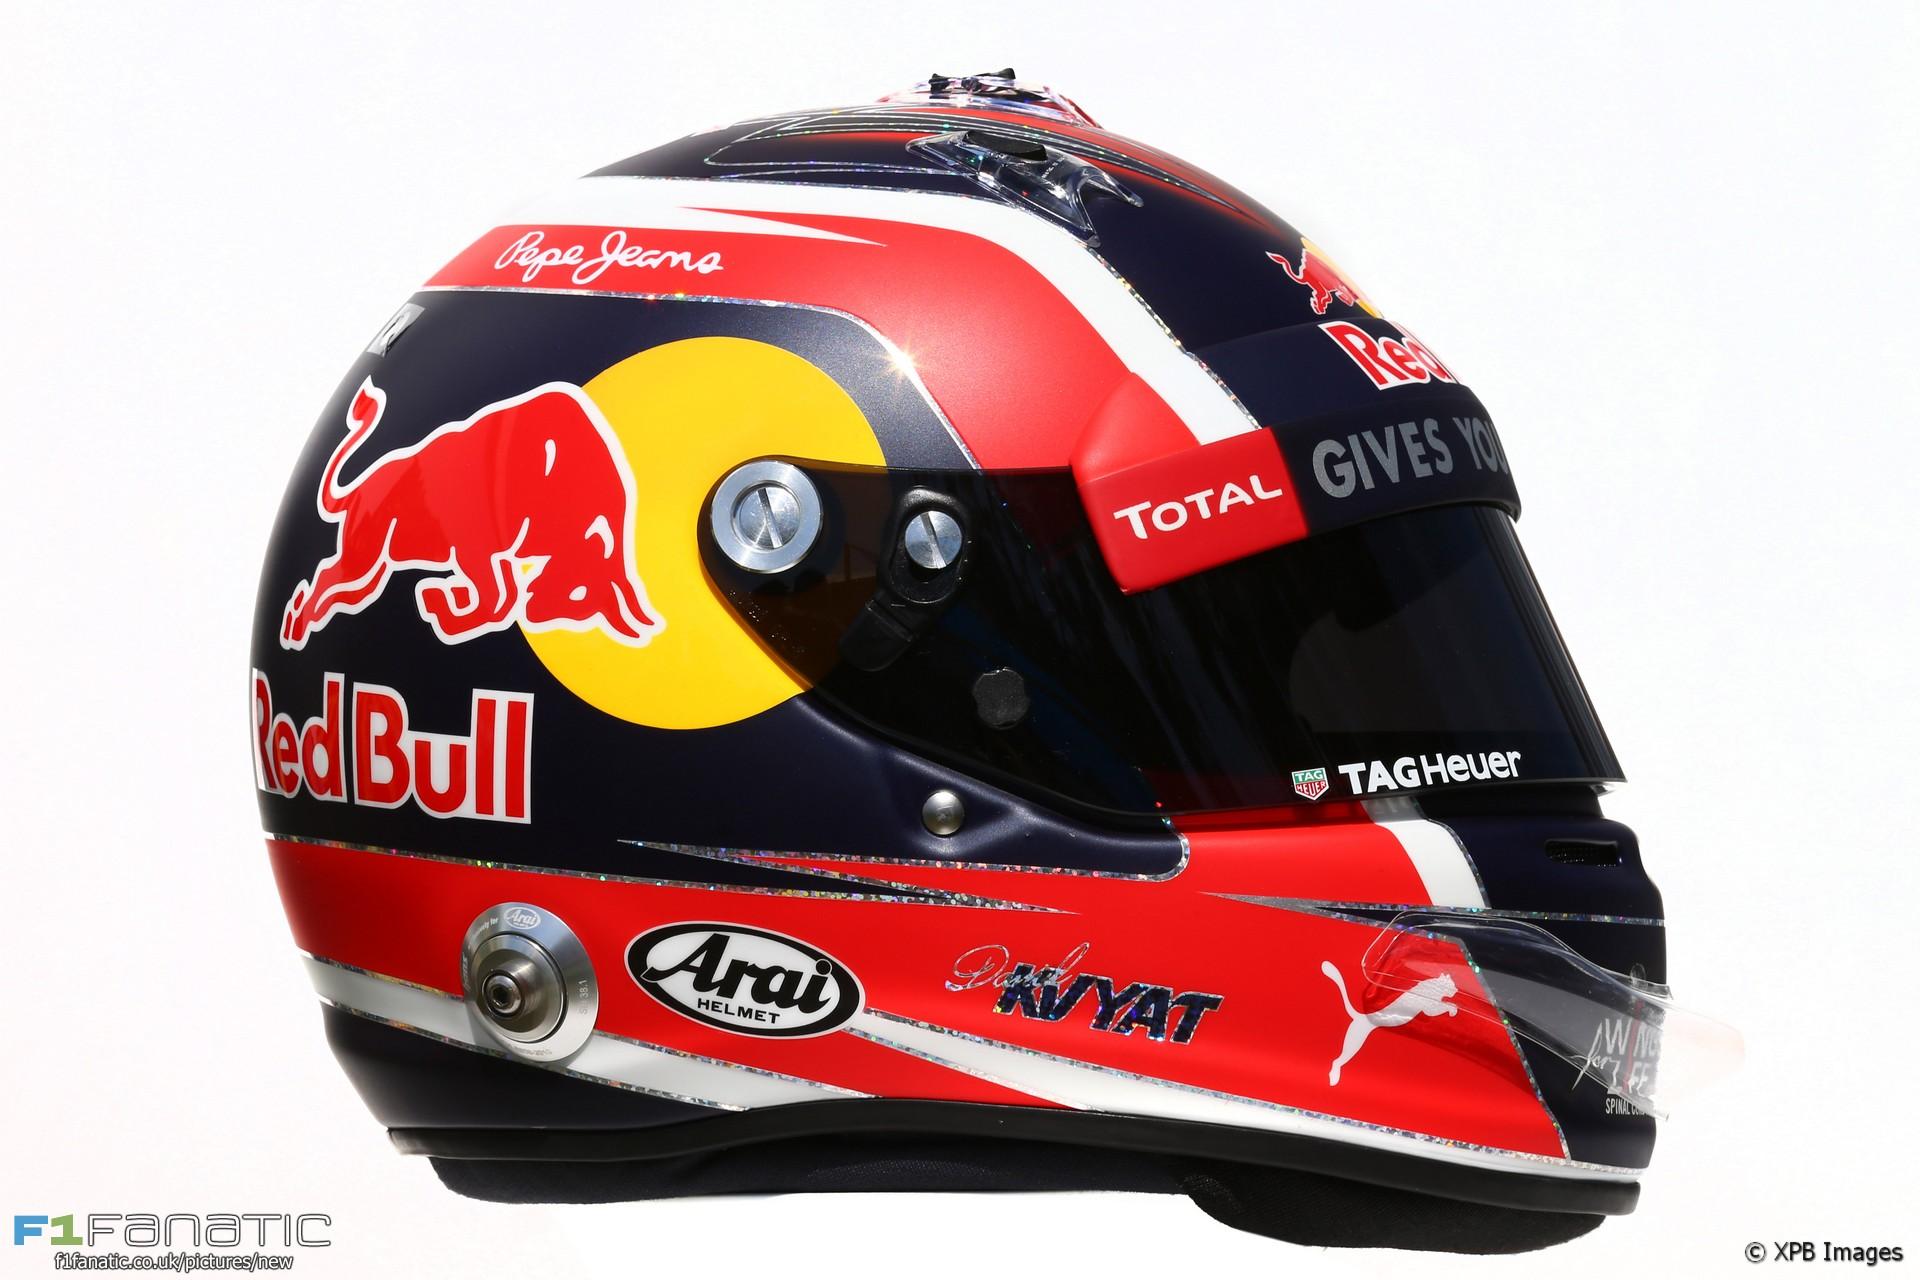 Daniil Kvyat helmet, 2016